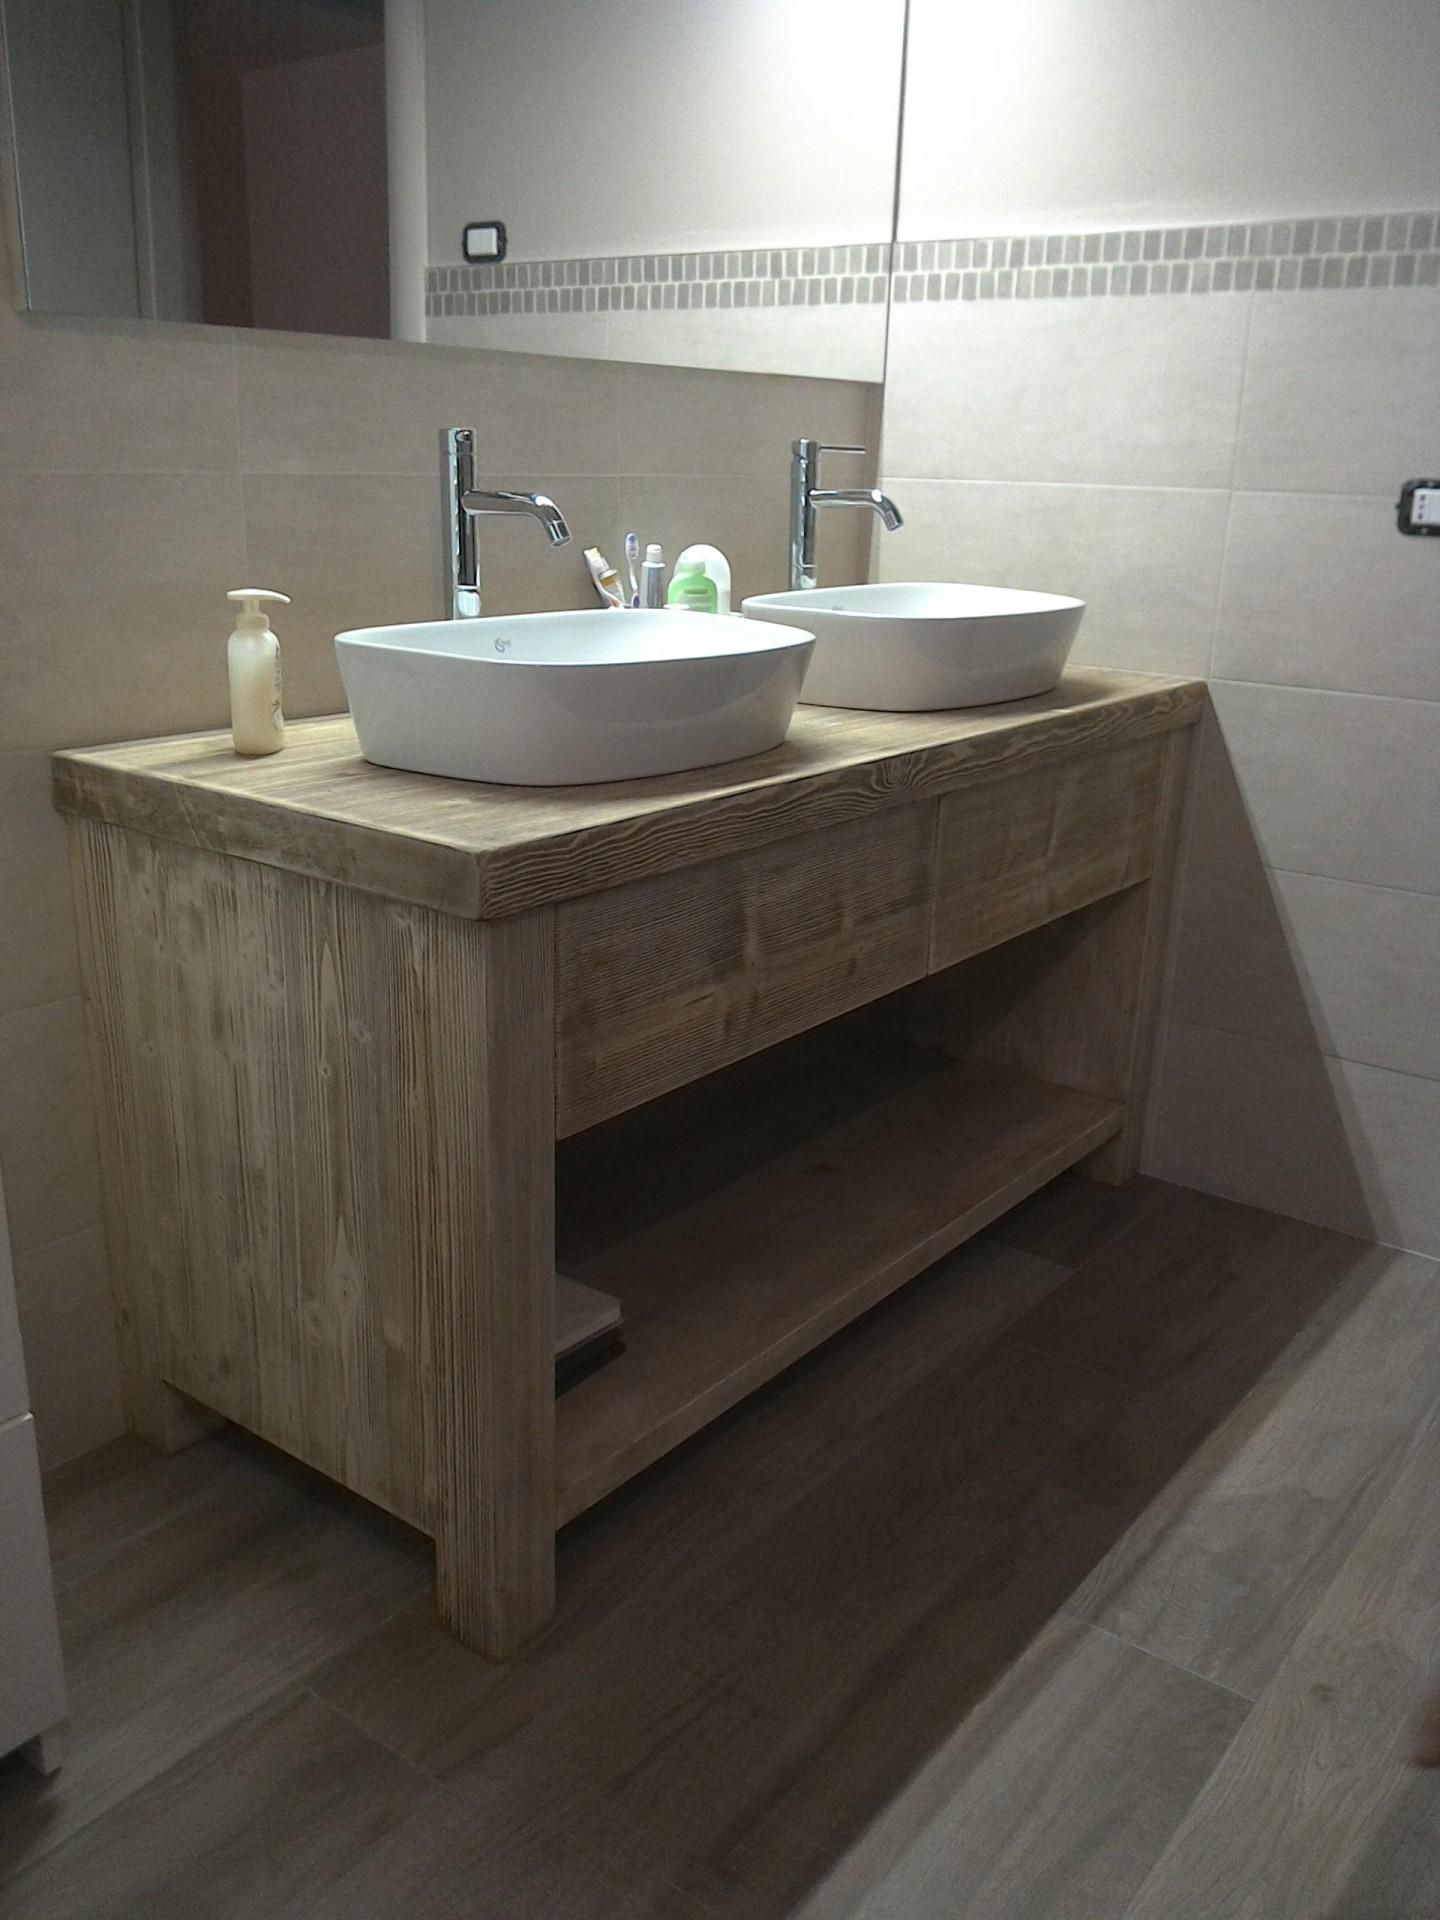 Mobili Su Misura Bagno : Mobili per bagno e lavanderia su misura fadini mobili cerea verona